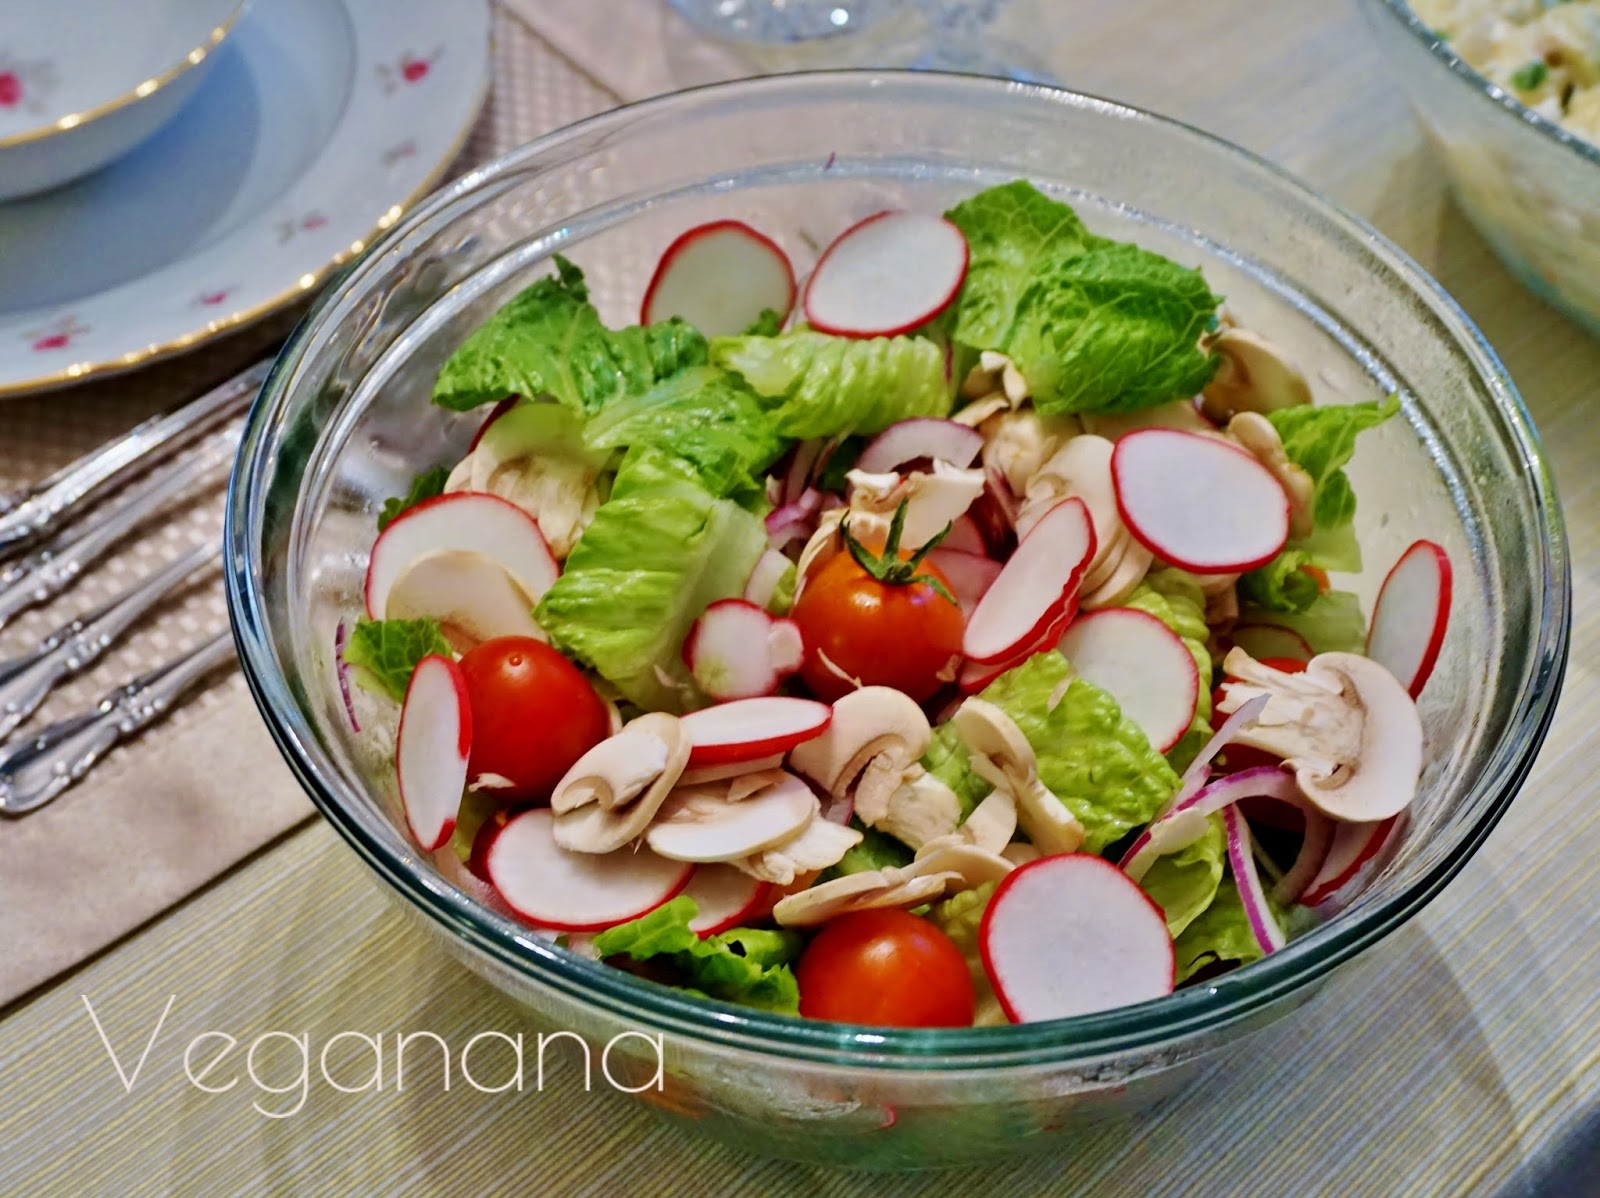 Ideias De Saladas ~ Salada de Rabanetes com Cogumelos Receita rápida e simples de fazer